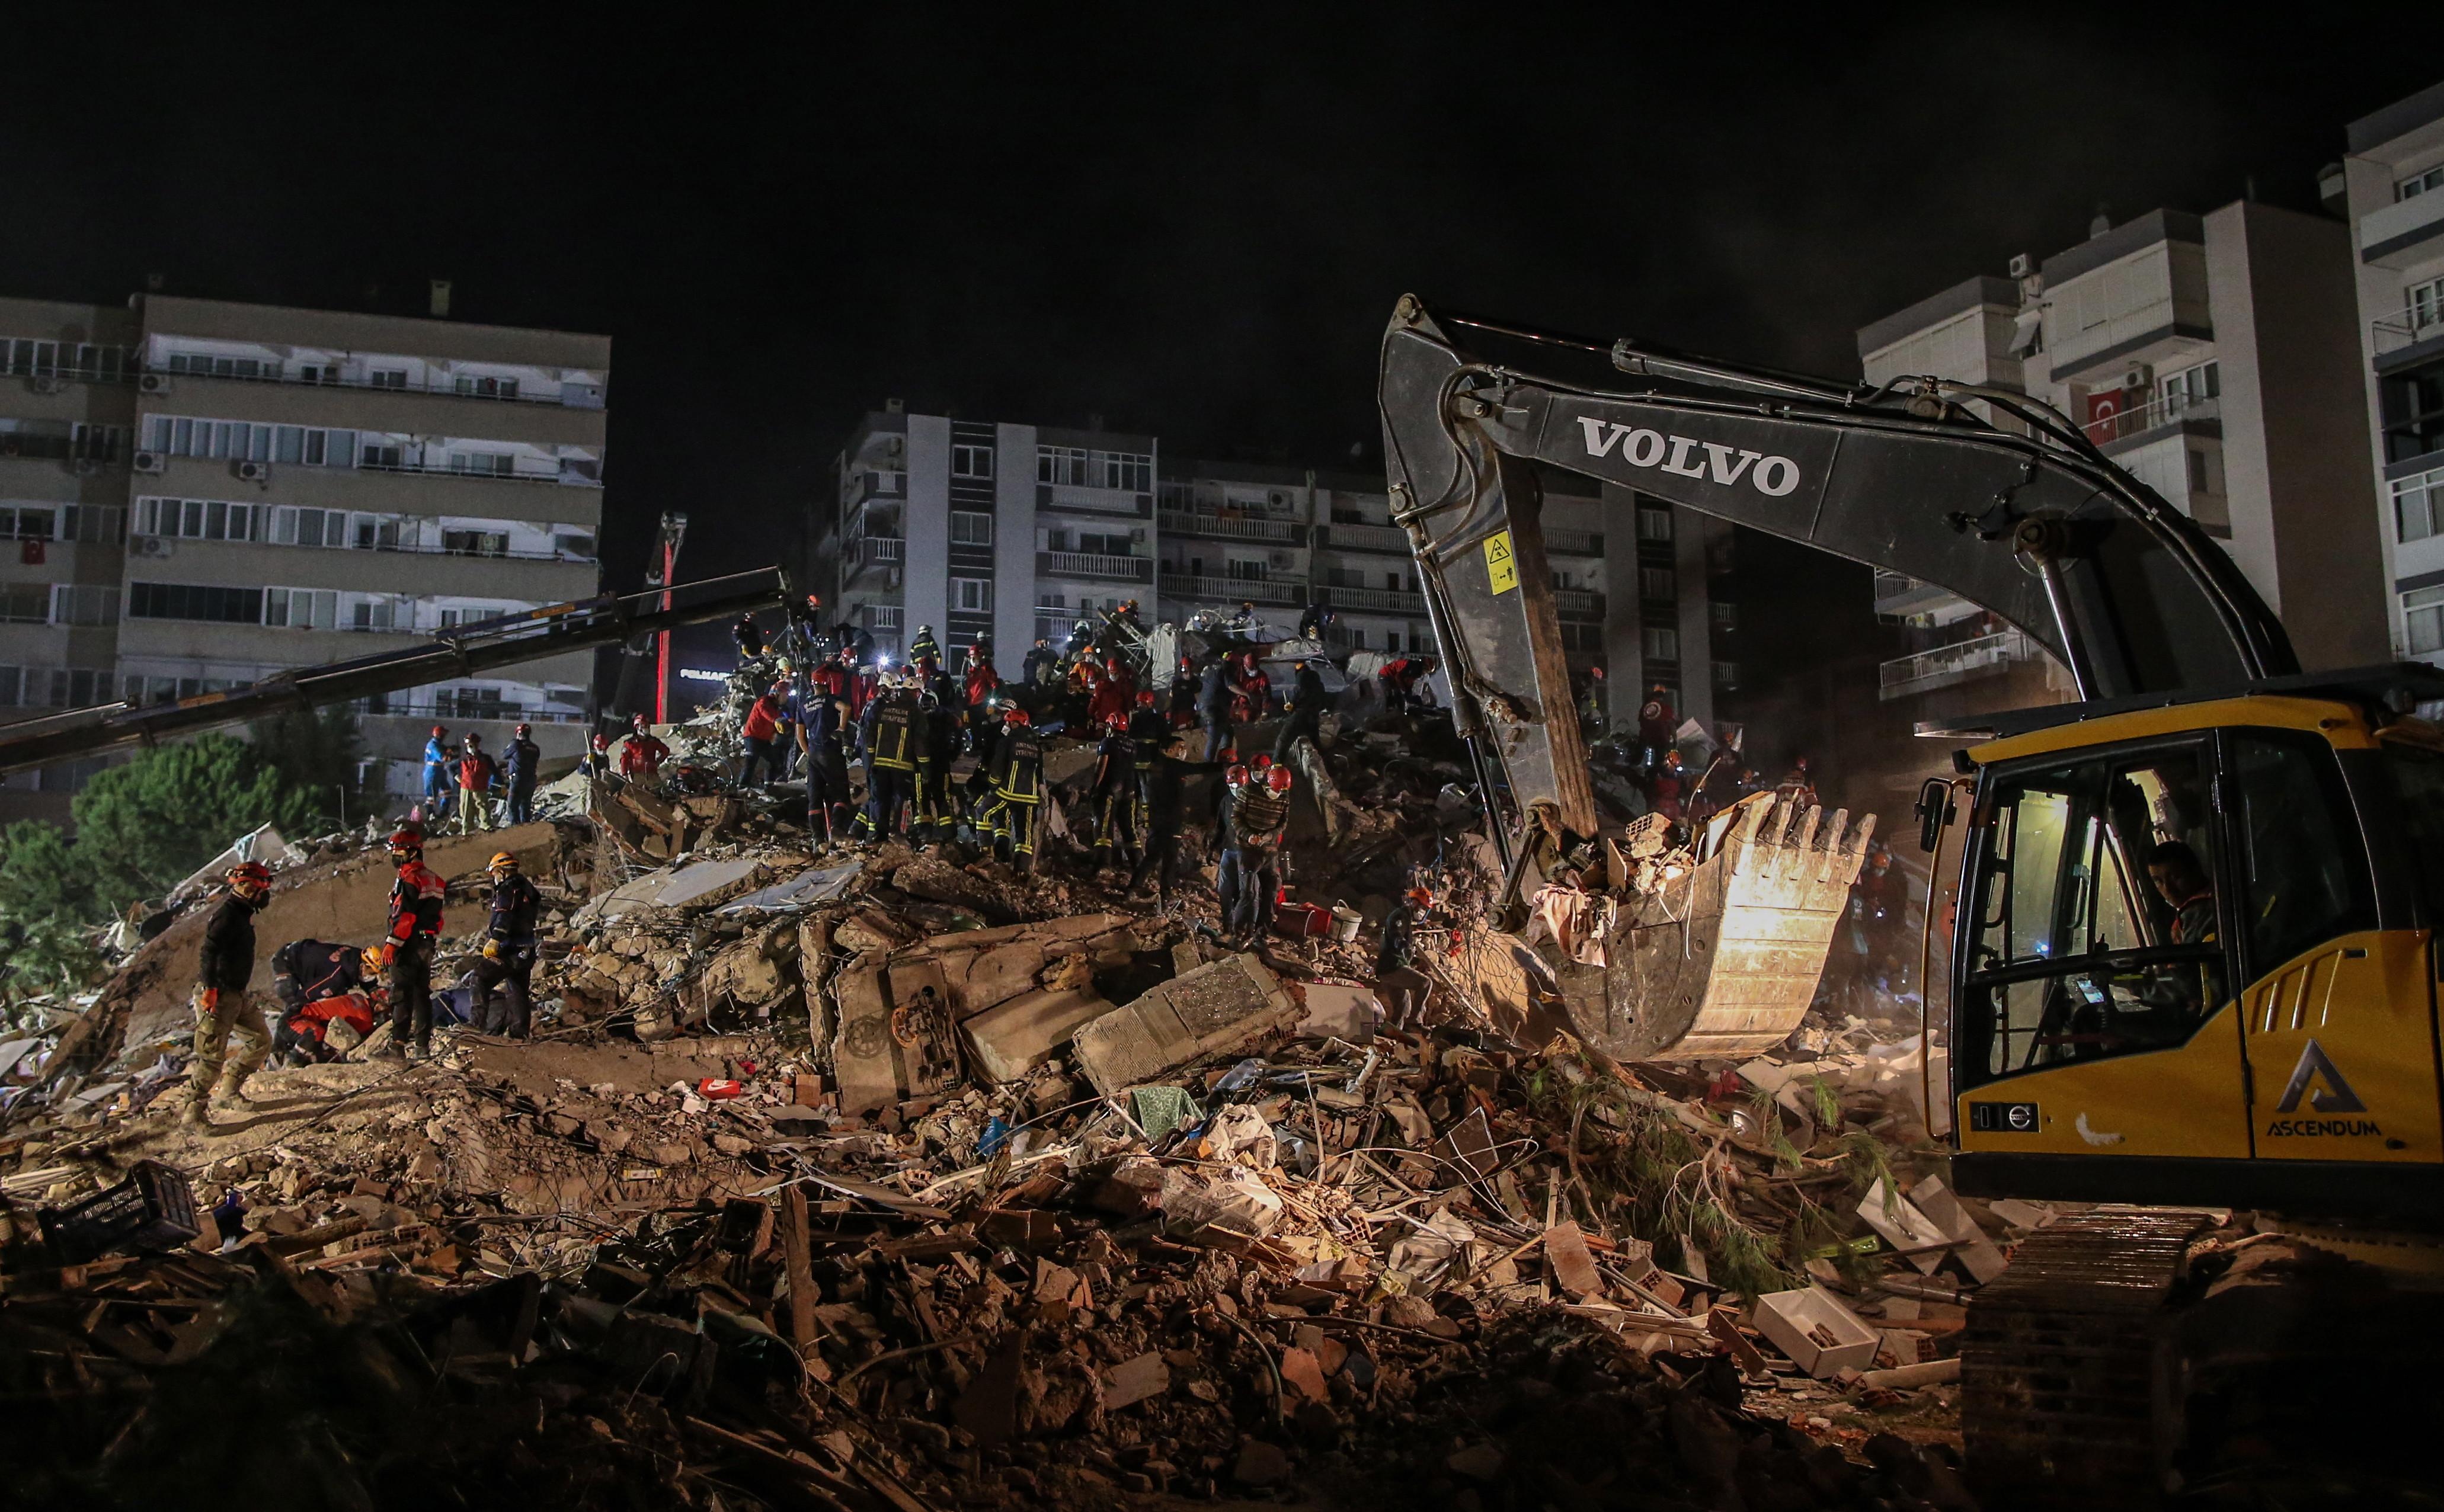 Cutremur în Turcia: 25 de morți, 800 răniți. Românii care au simțit seismul sunt îngroziți